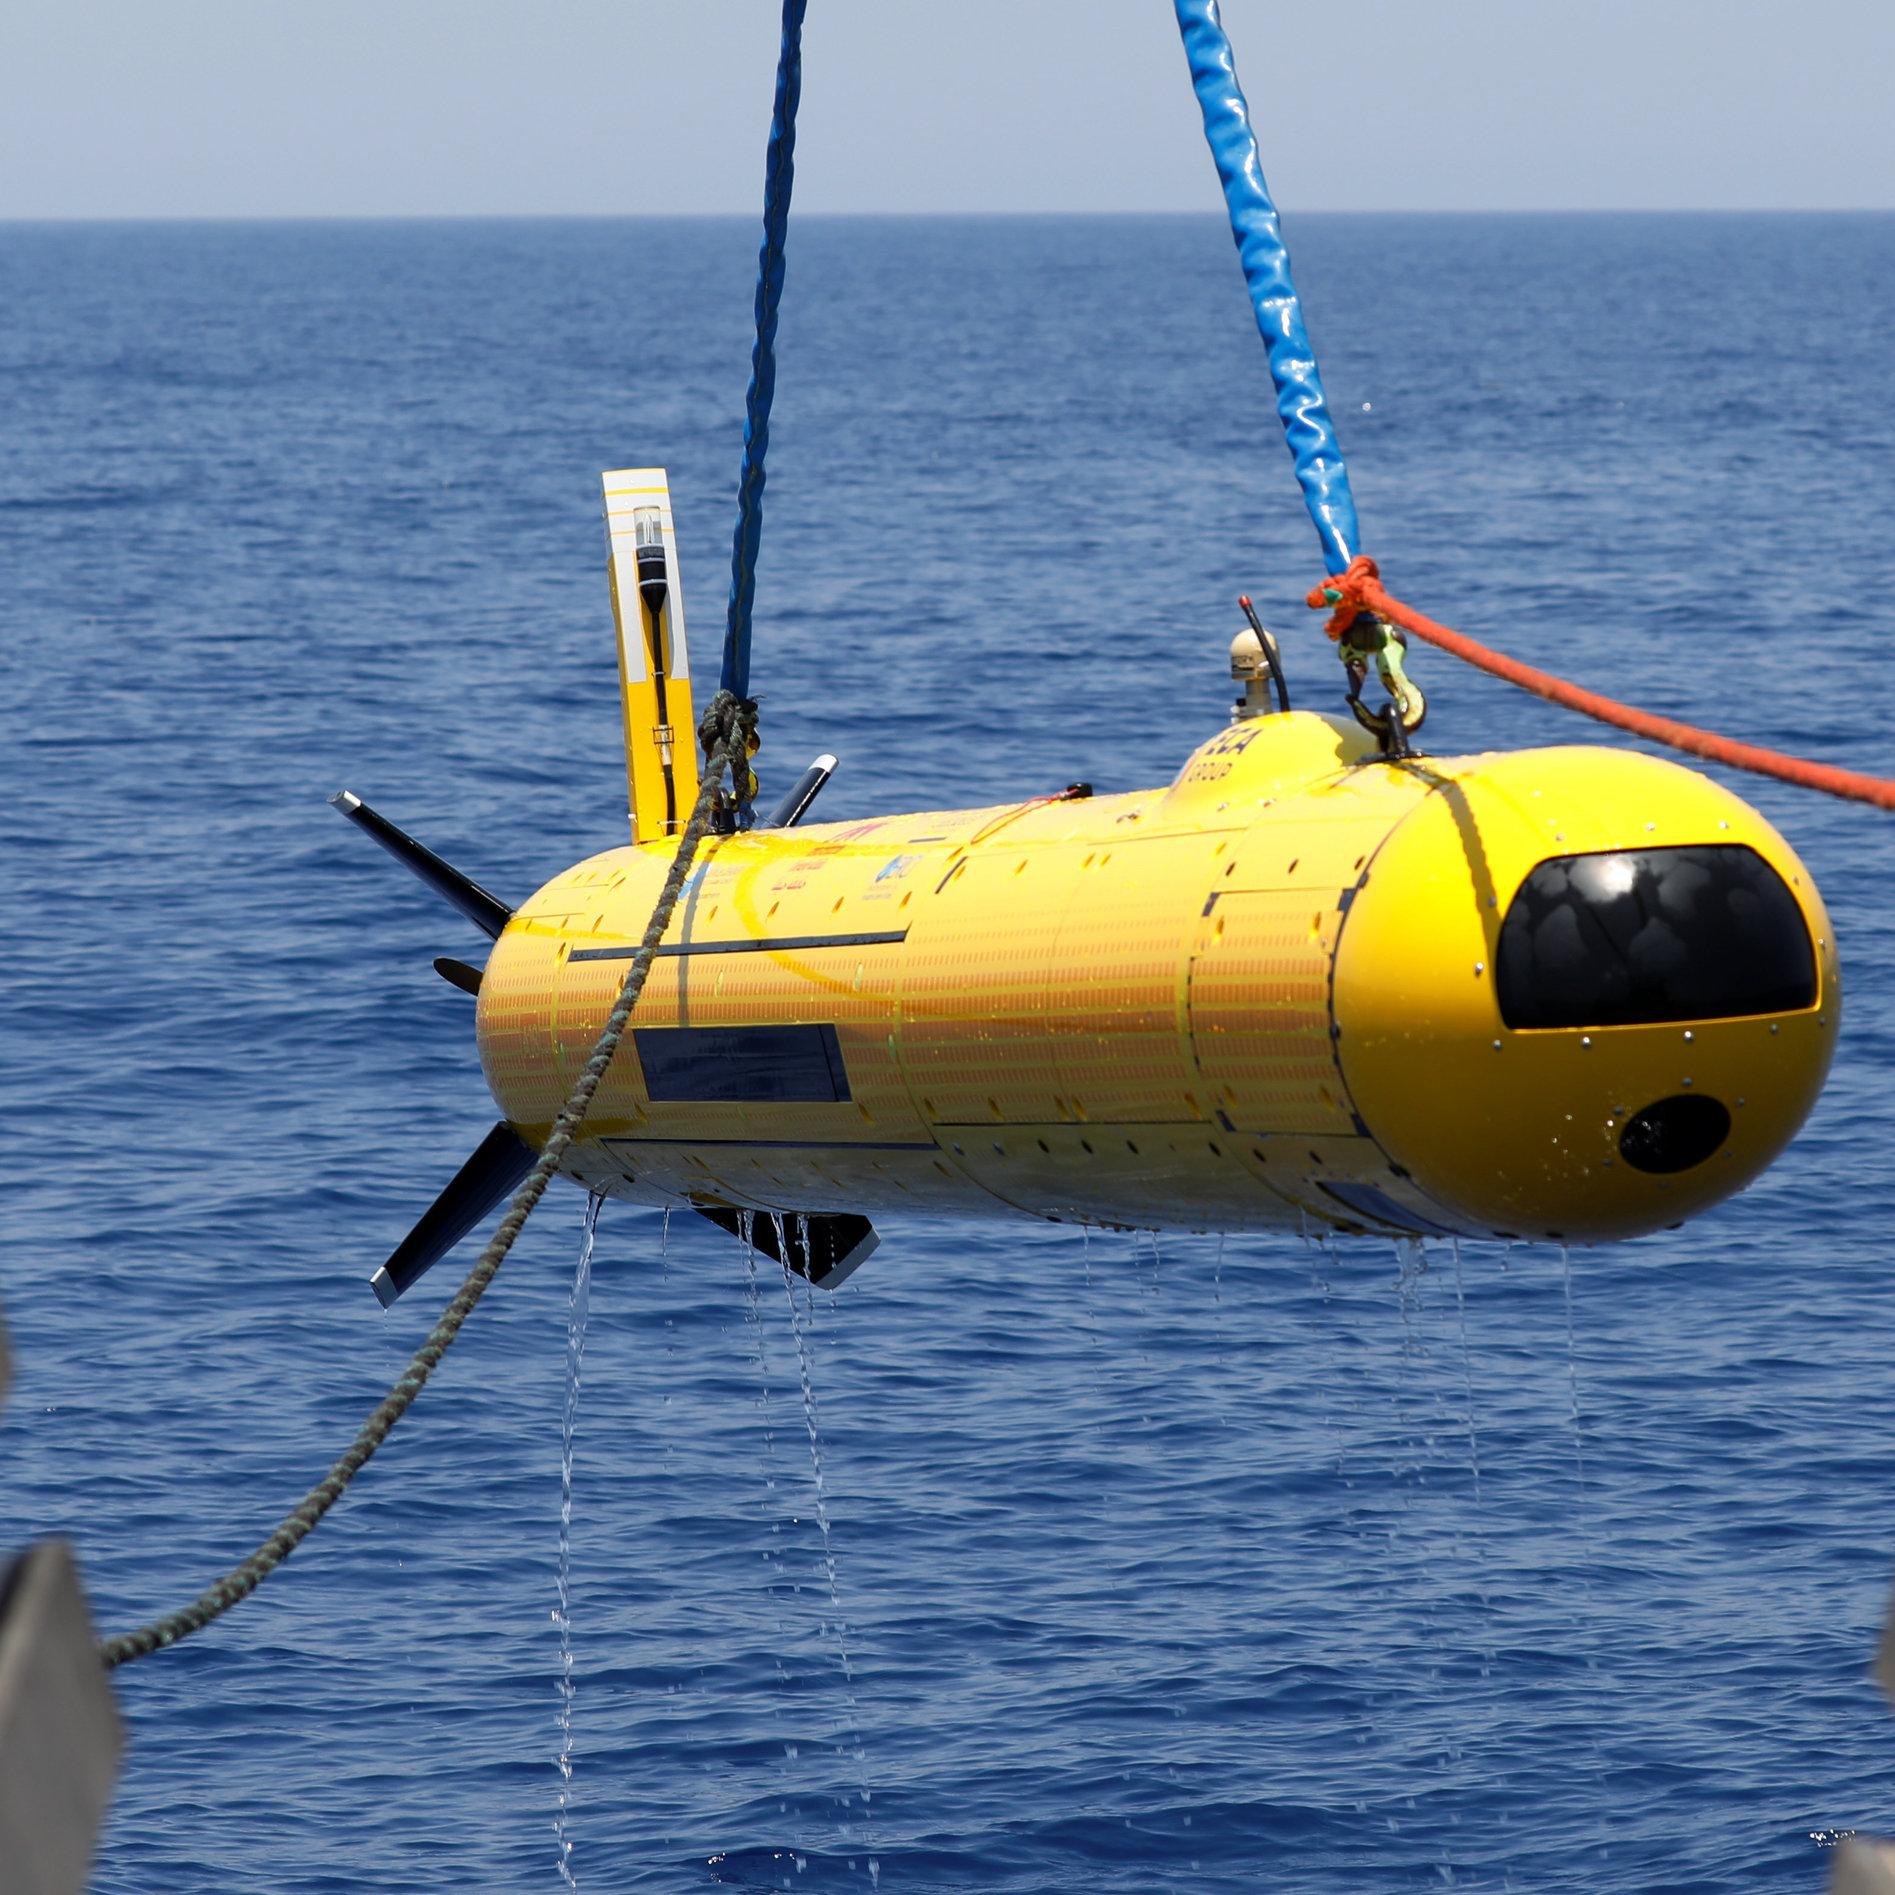 הרובוט המשוכלל בחיפושים אחרי השרידים בשבוע שעבר